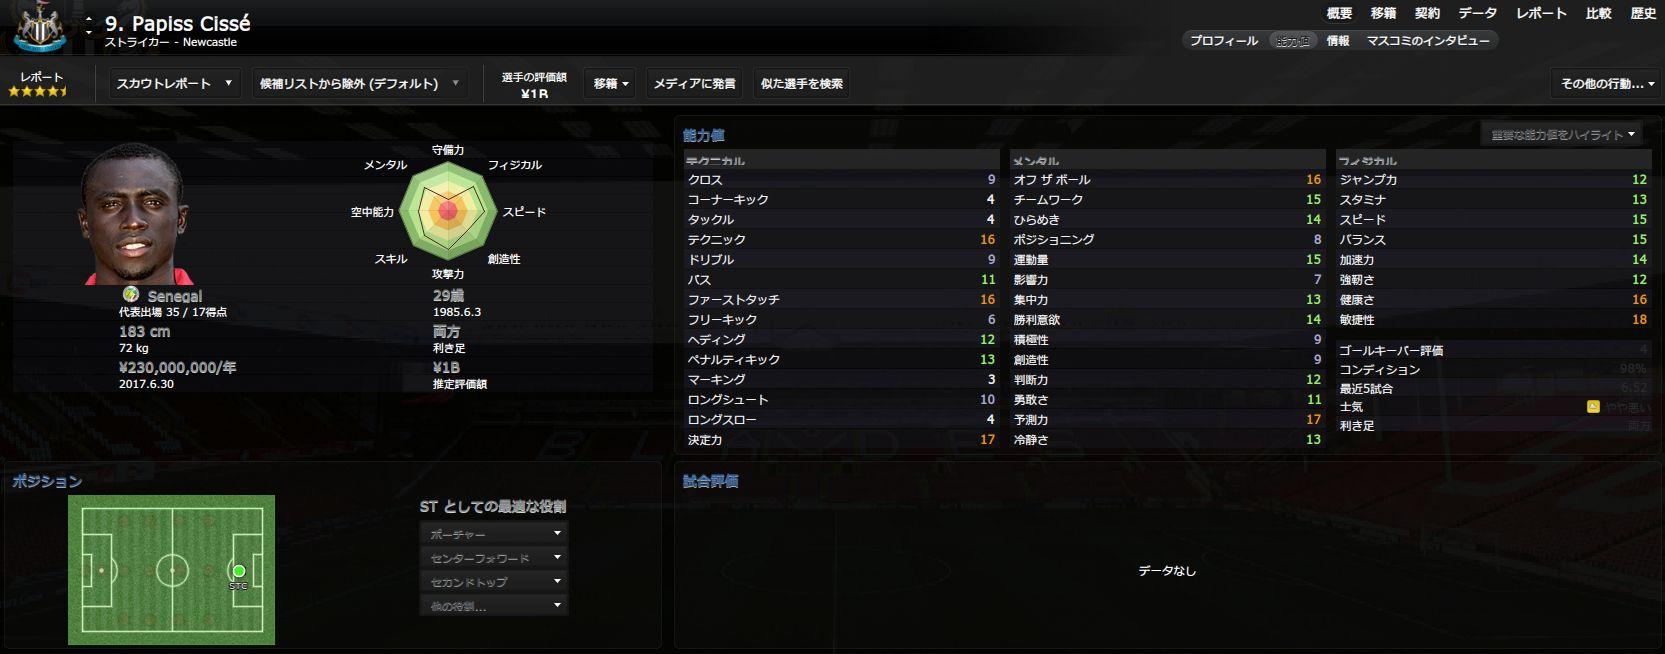 WS001039.jpg